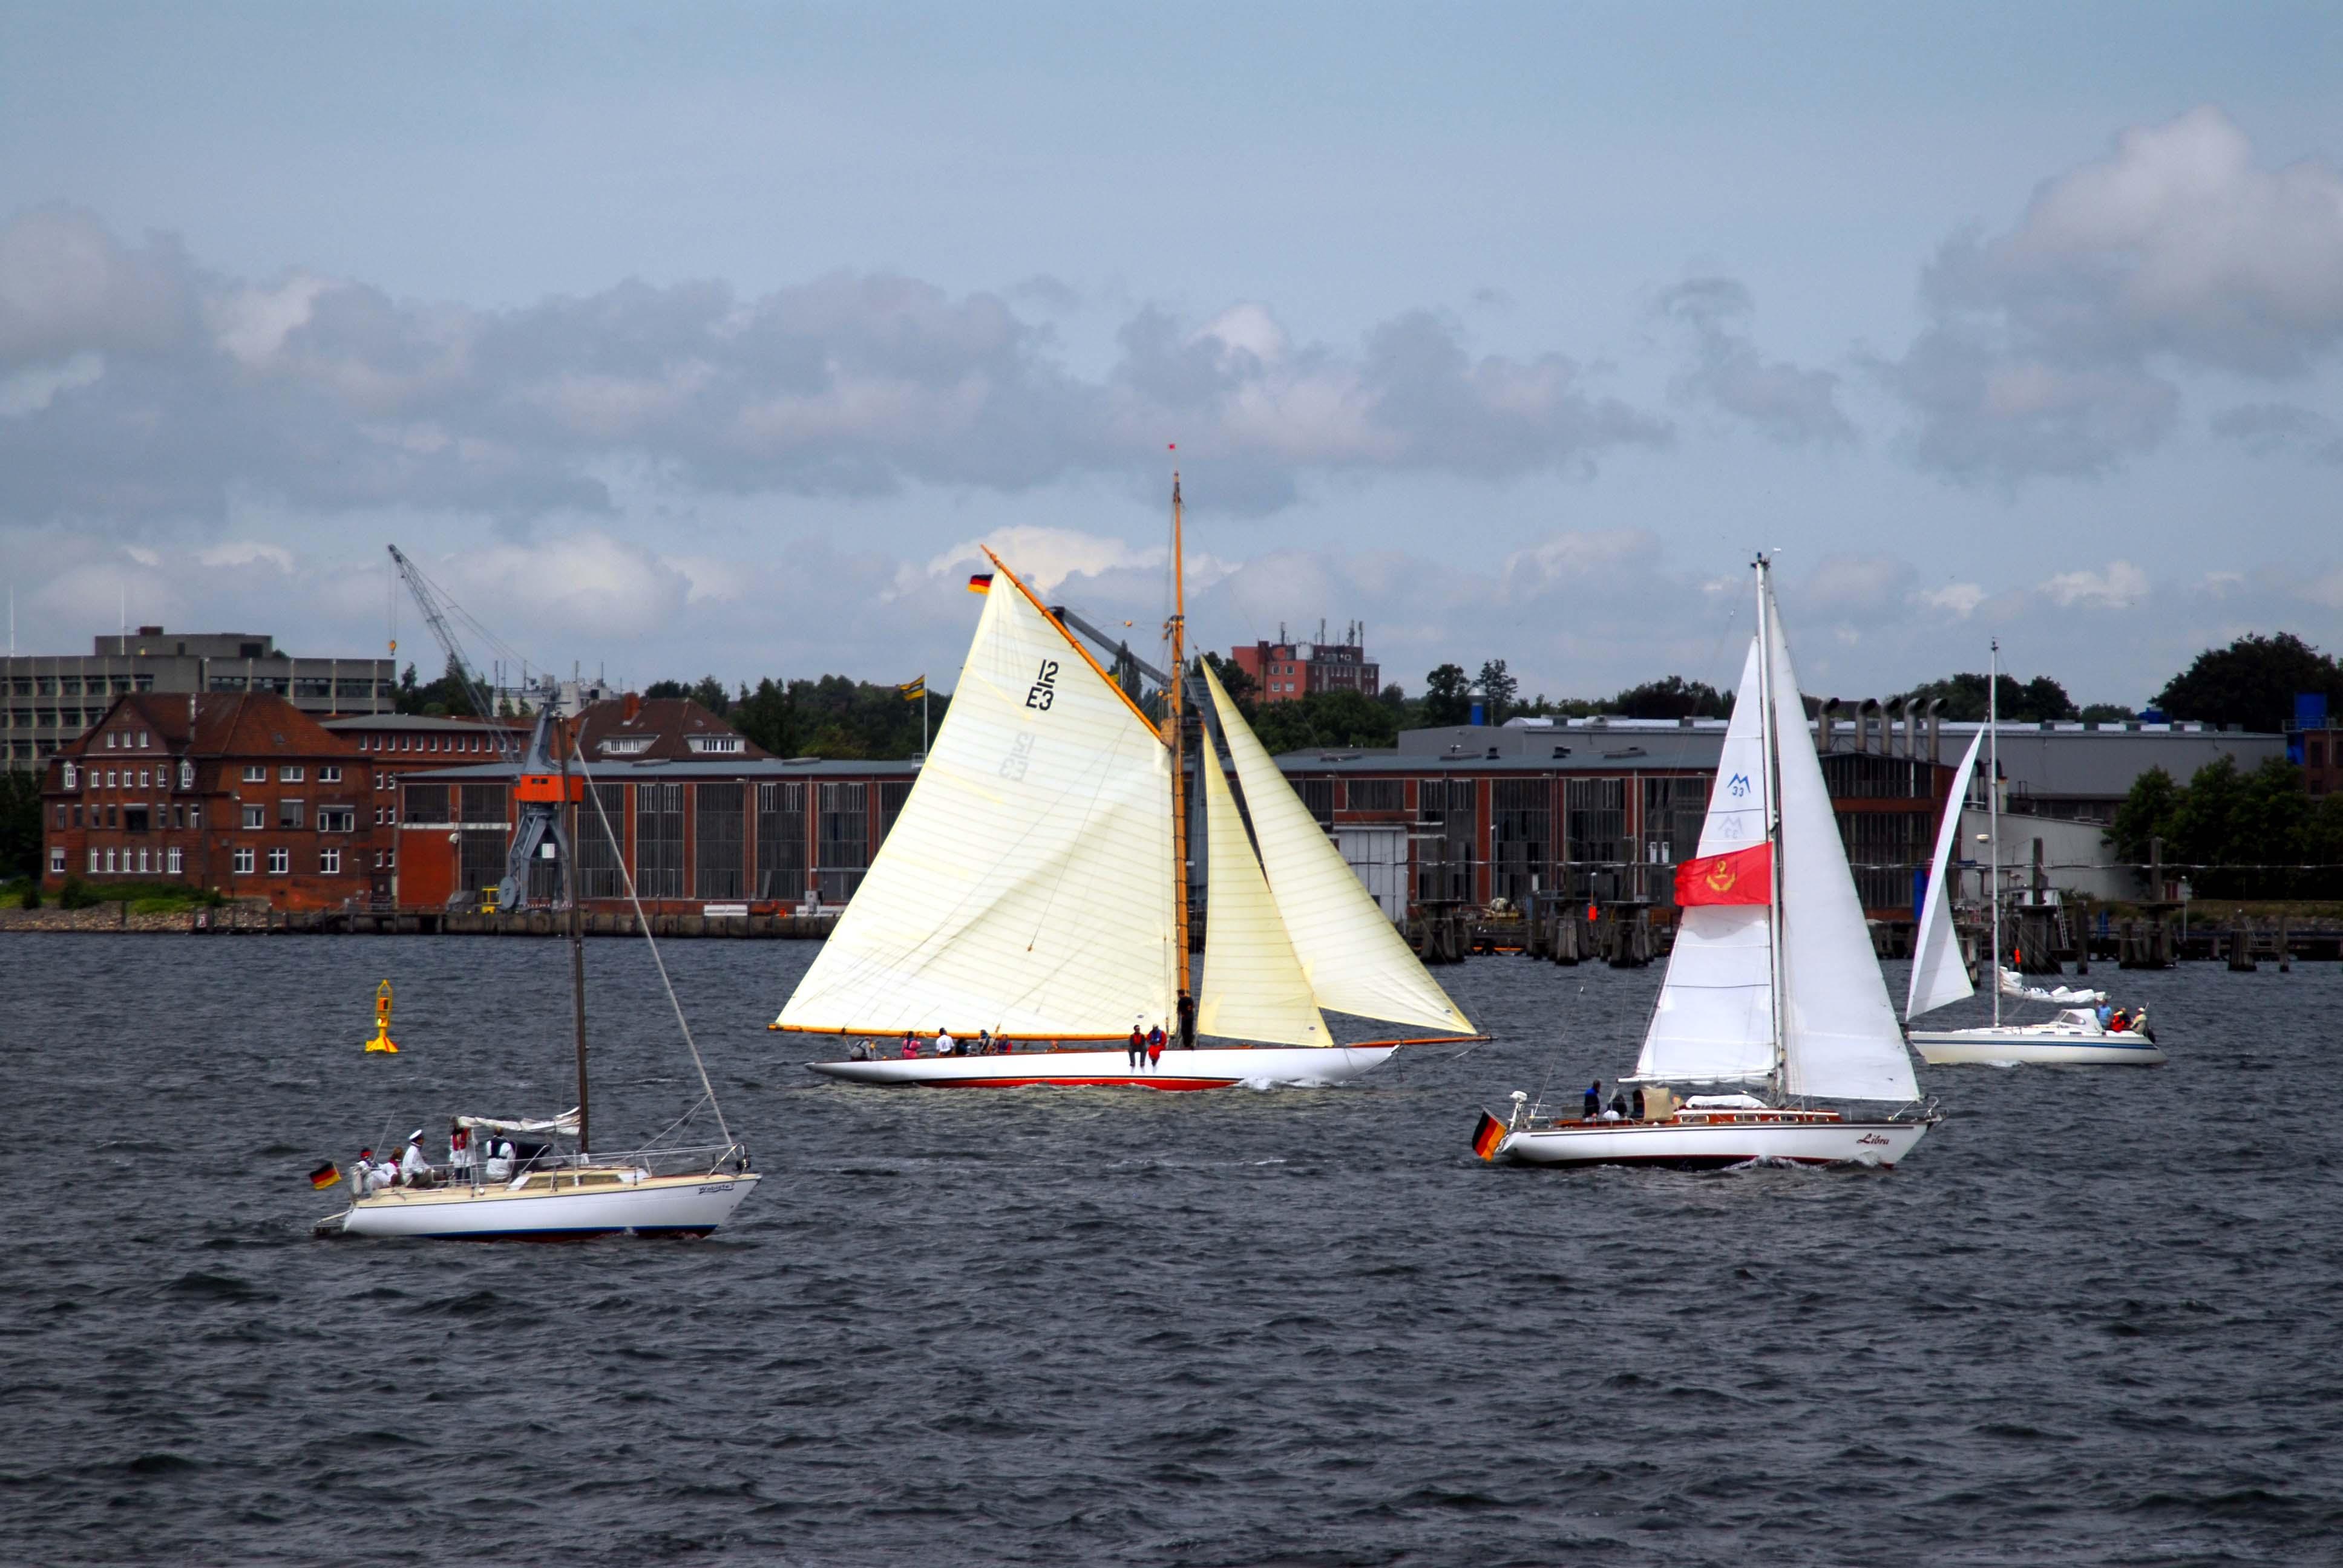 Gnadenlos schön: Die 12 m Rennyacht TRIVIA auf der Kieler Woche 2009, gebaut 1937 von Camper & Nicholsen, von Bord der GORCH FOCK aus. Foto: May-Barg.